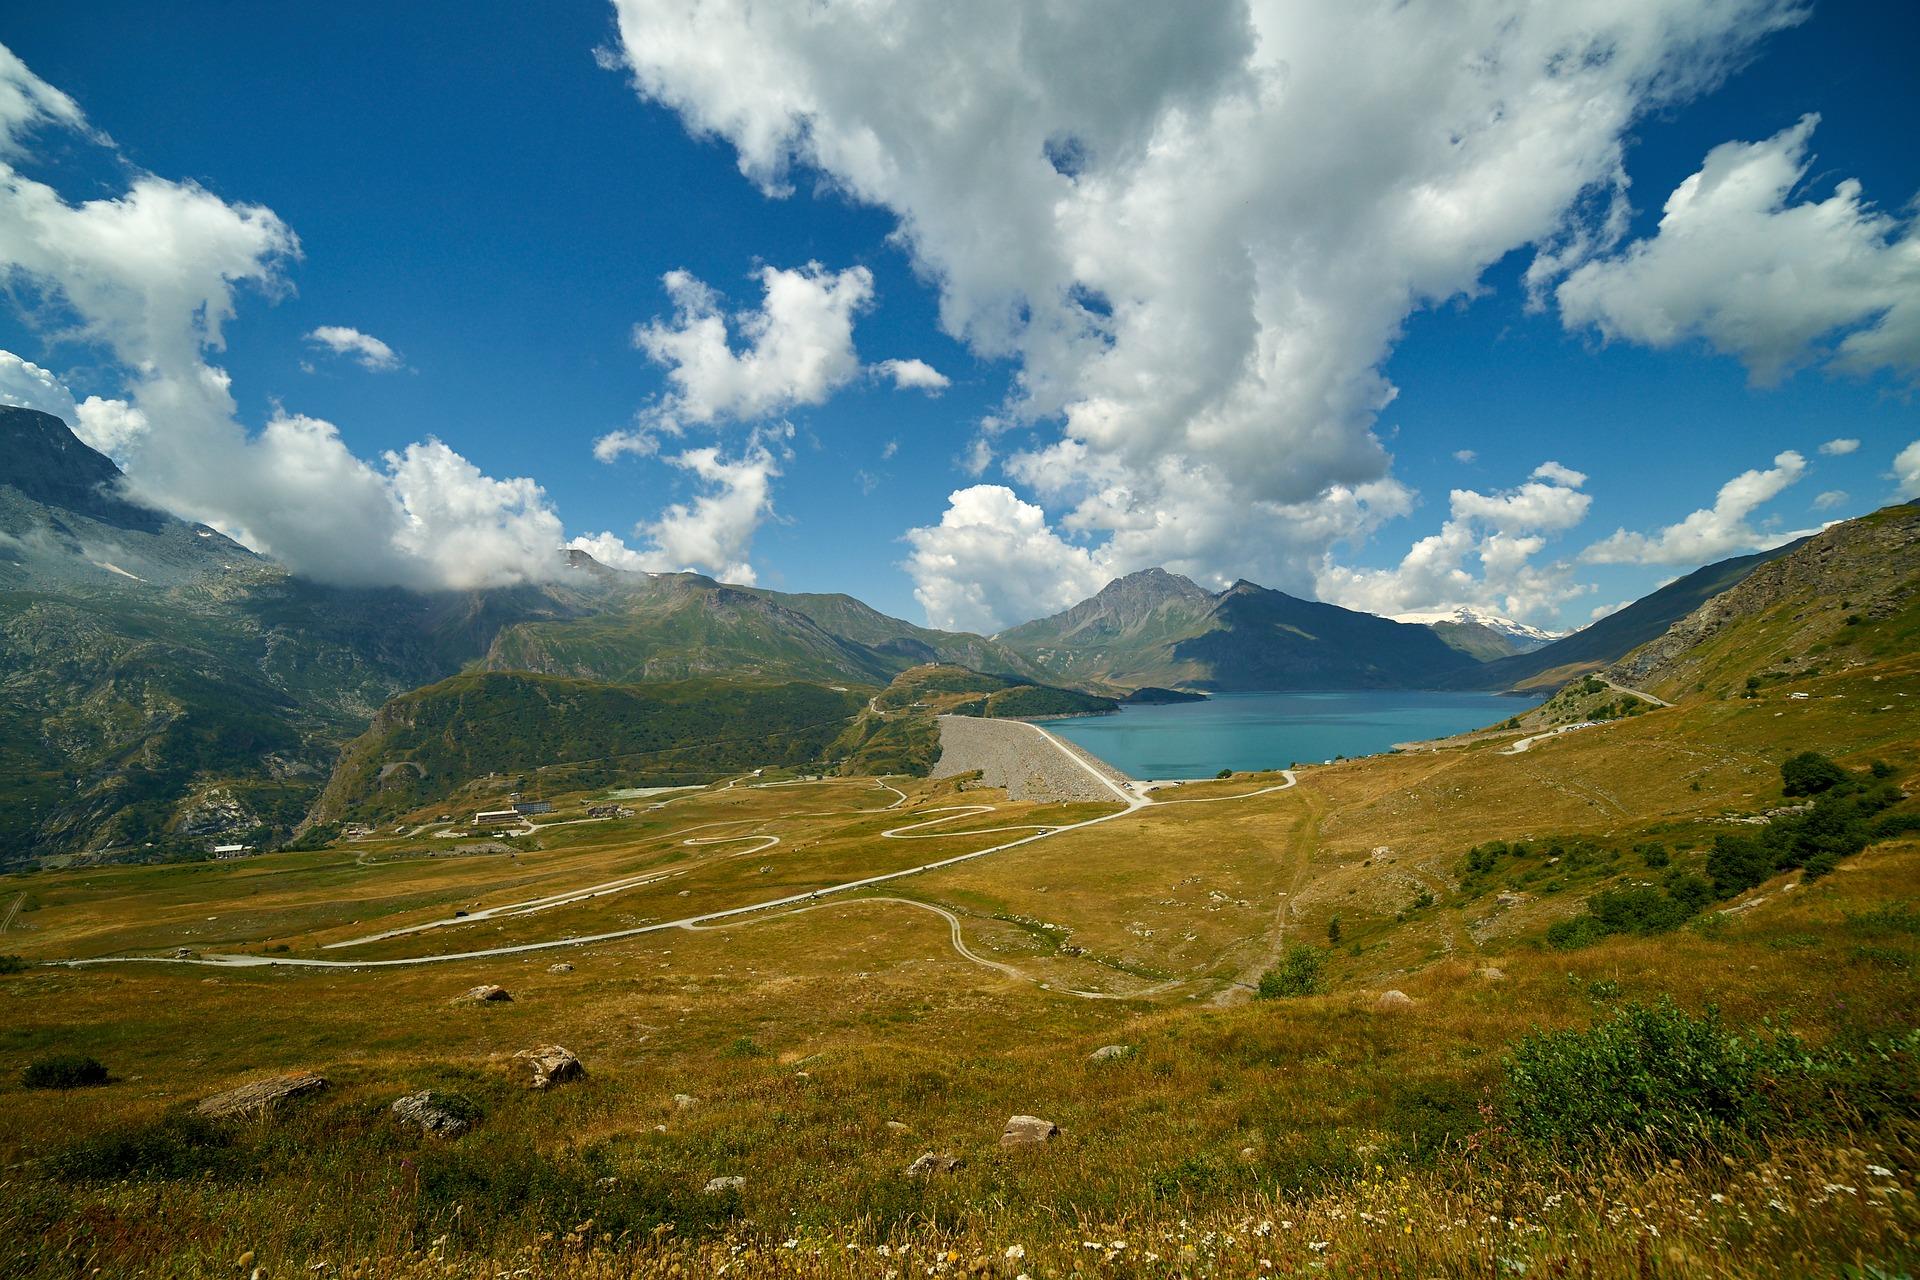 Lac_du_Mont_Cenis_CC0.jpg?1545479874